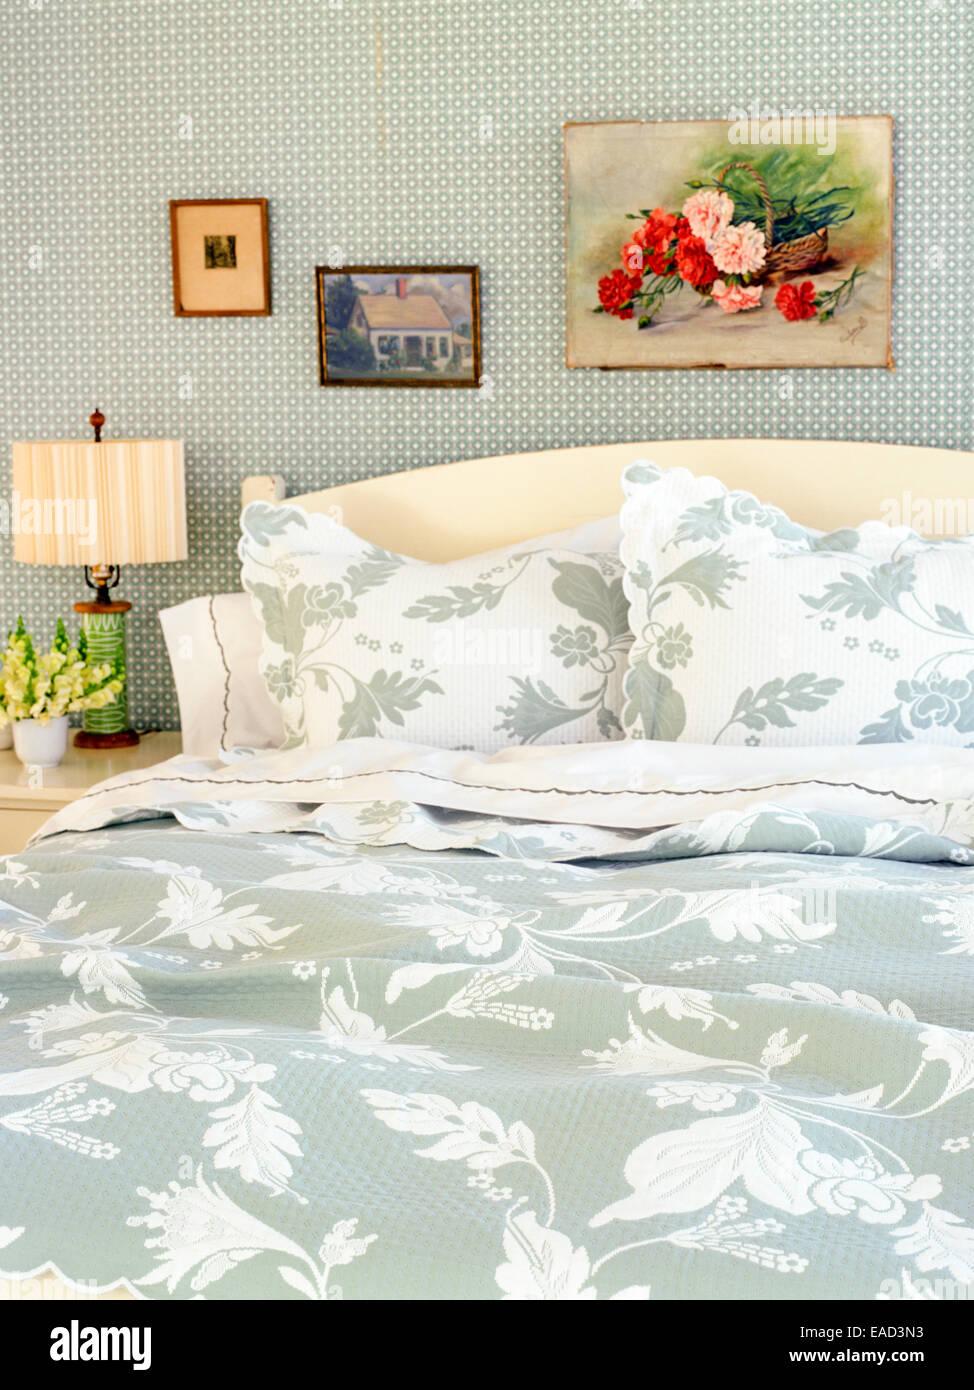 Bett mit floral gemusterte Decken und Kissen Stockbild